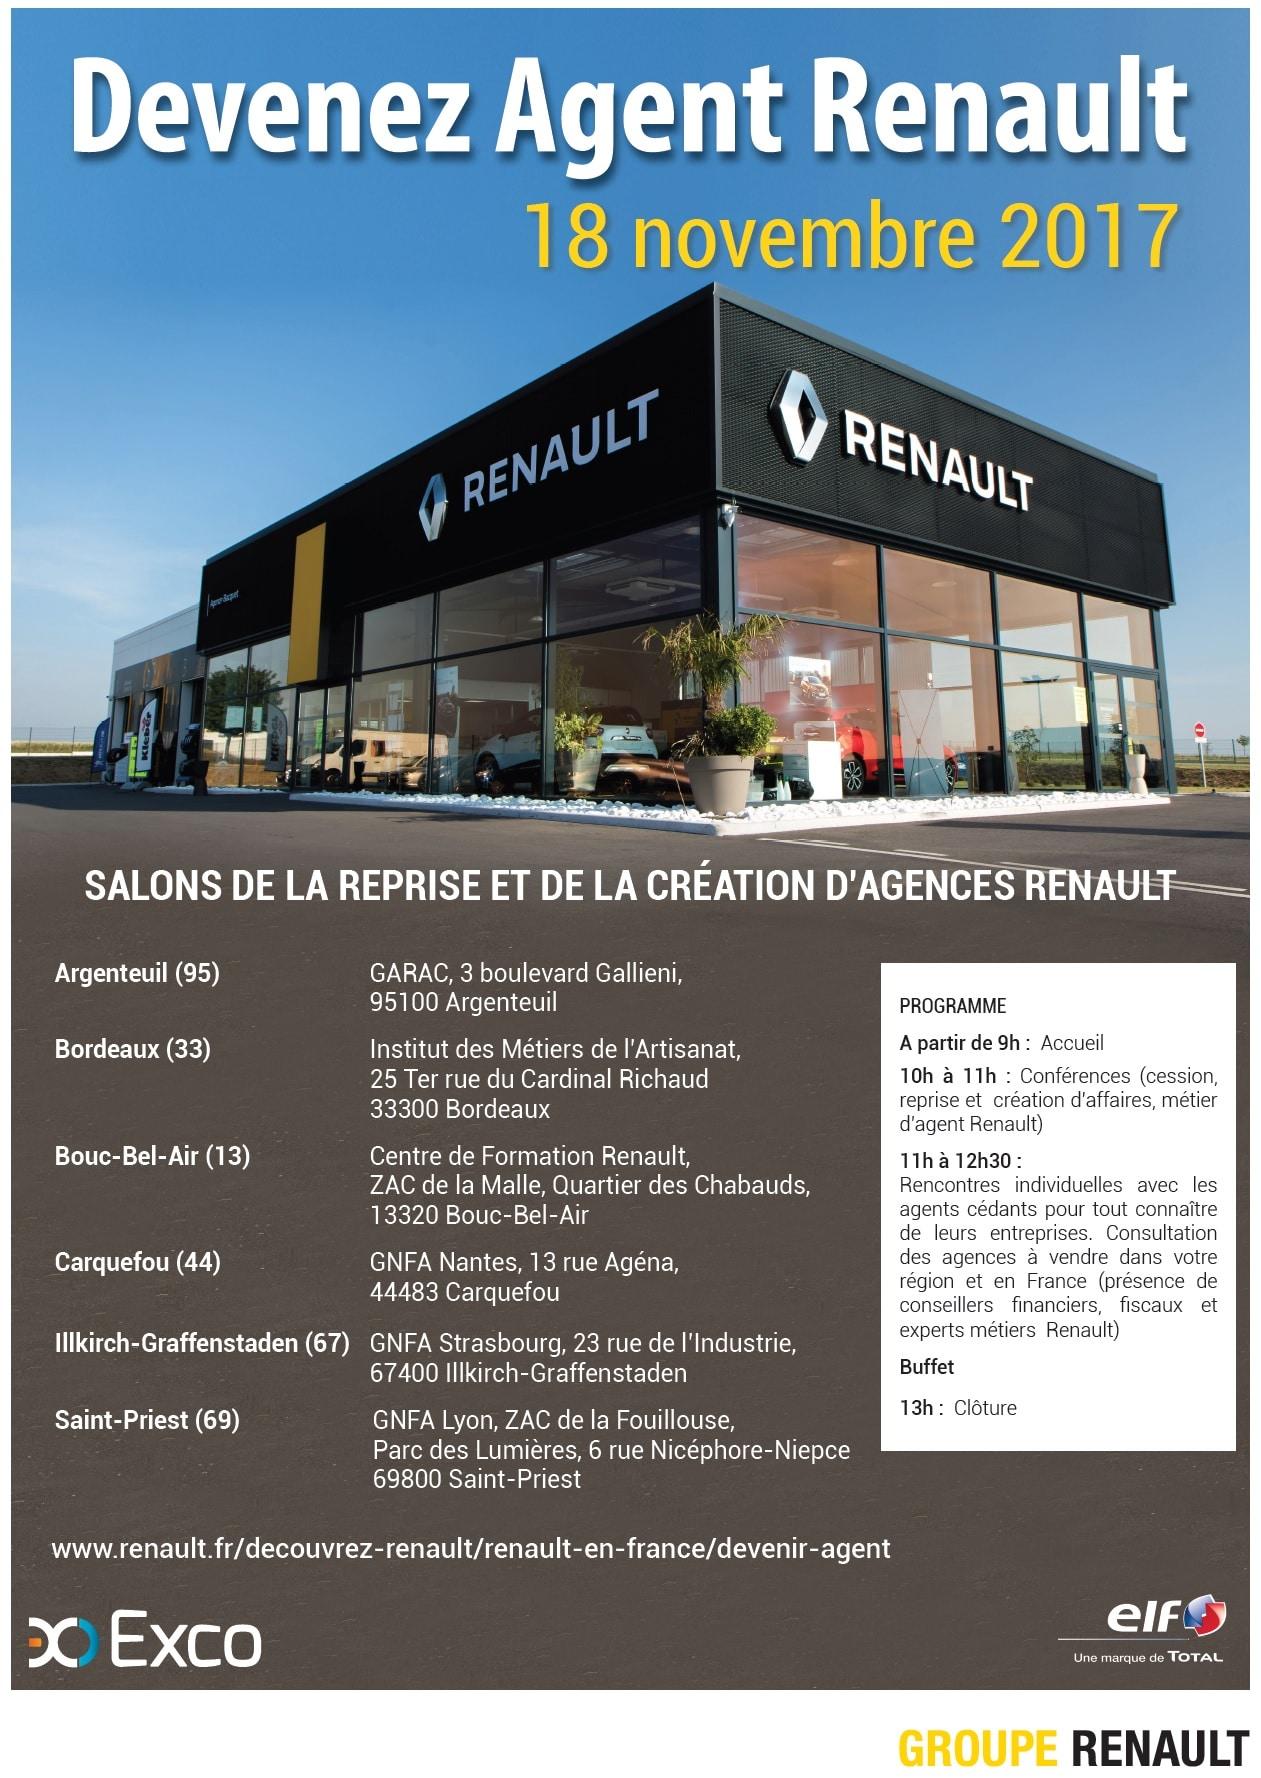 Salon de la reprise et de la création d'agences Renault – Novembre 2017 🗓